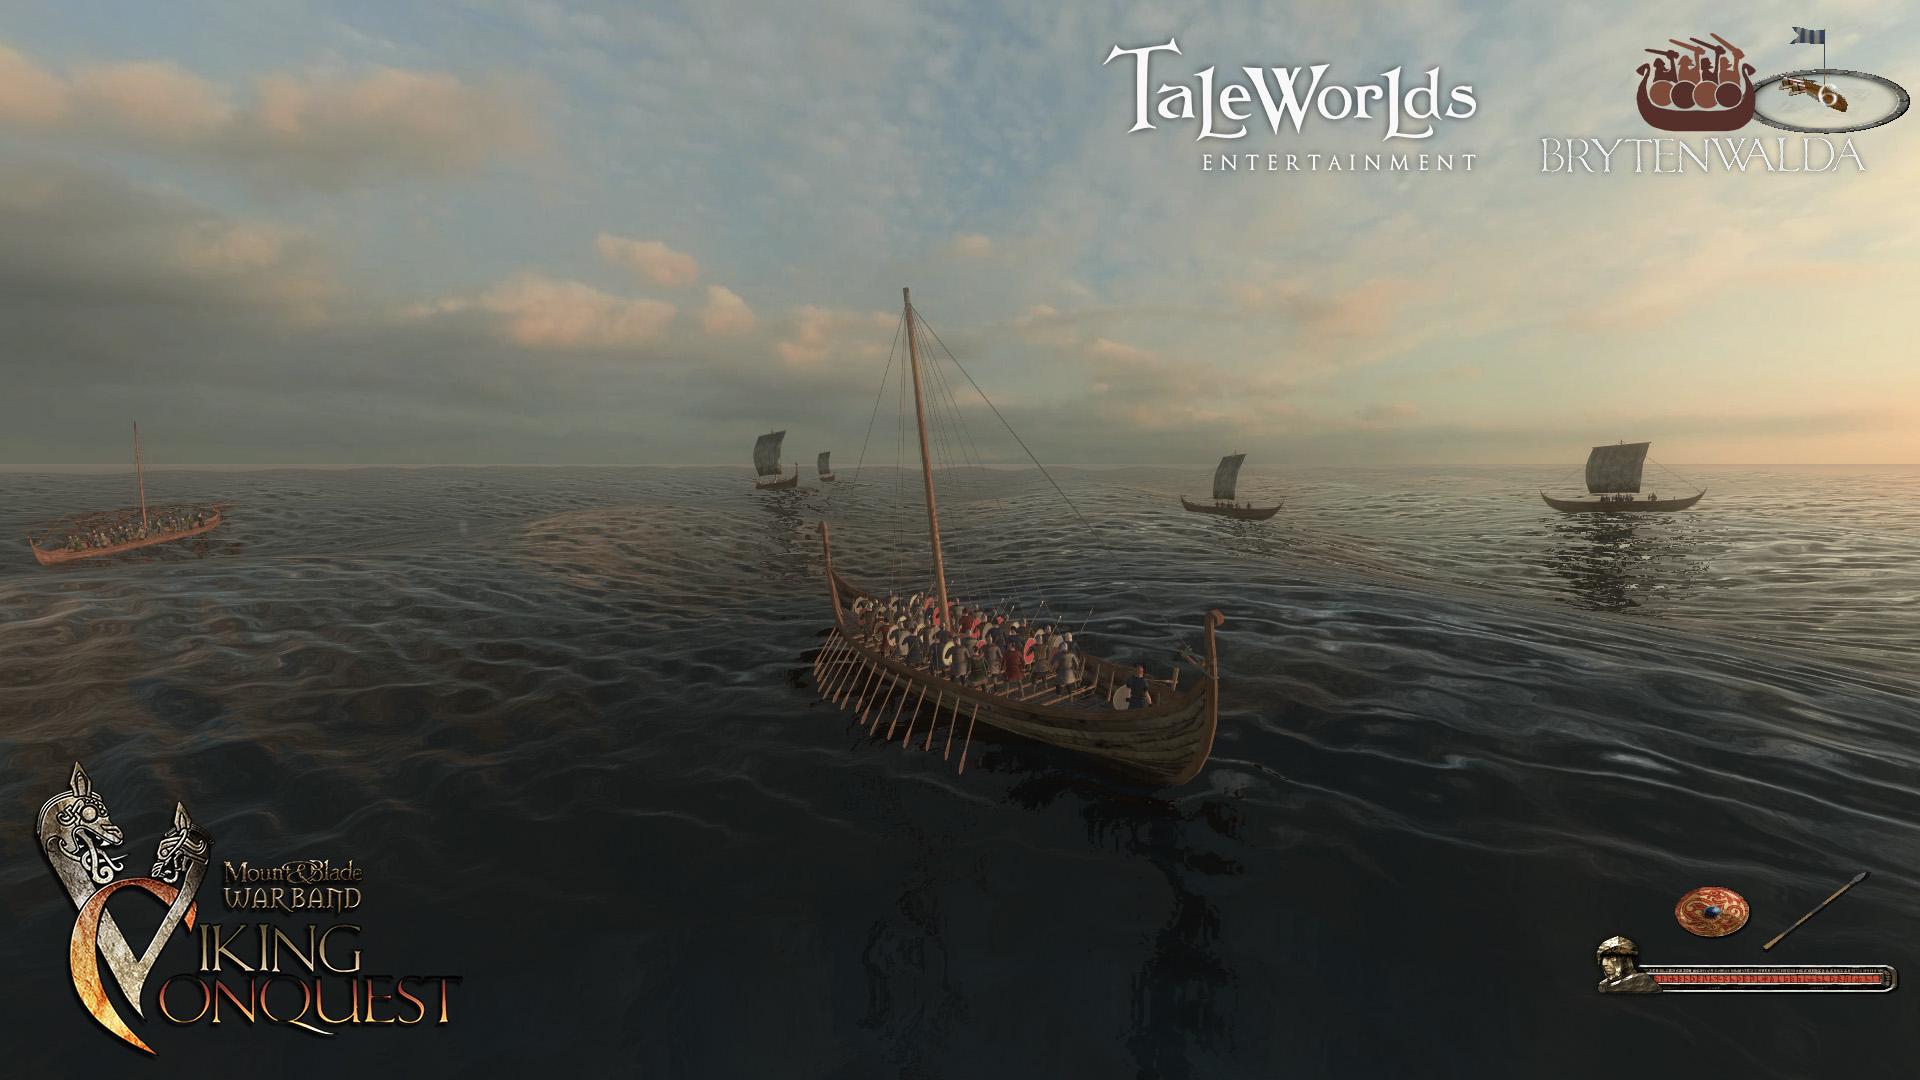 Viking Conquest: discusión general - Página 5 9f11ea74a0740e07fd83c8486f861d89c7f67e7b